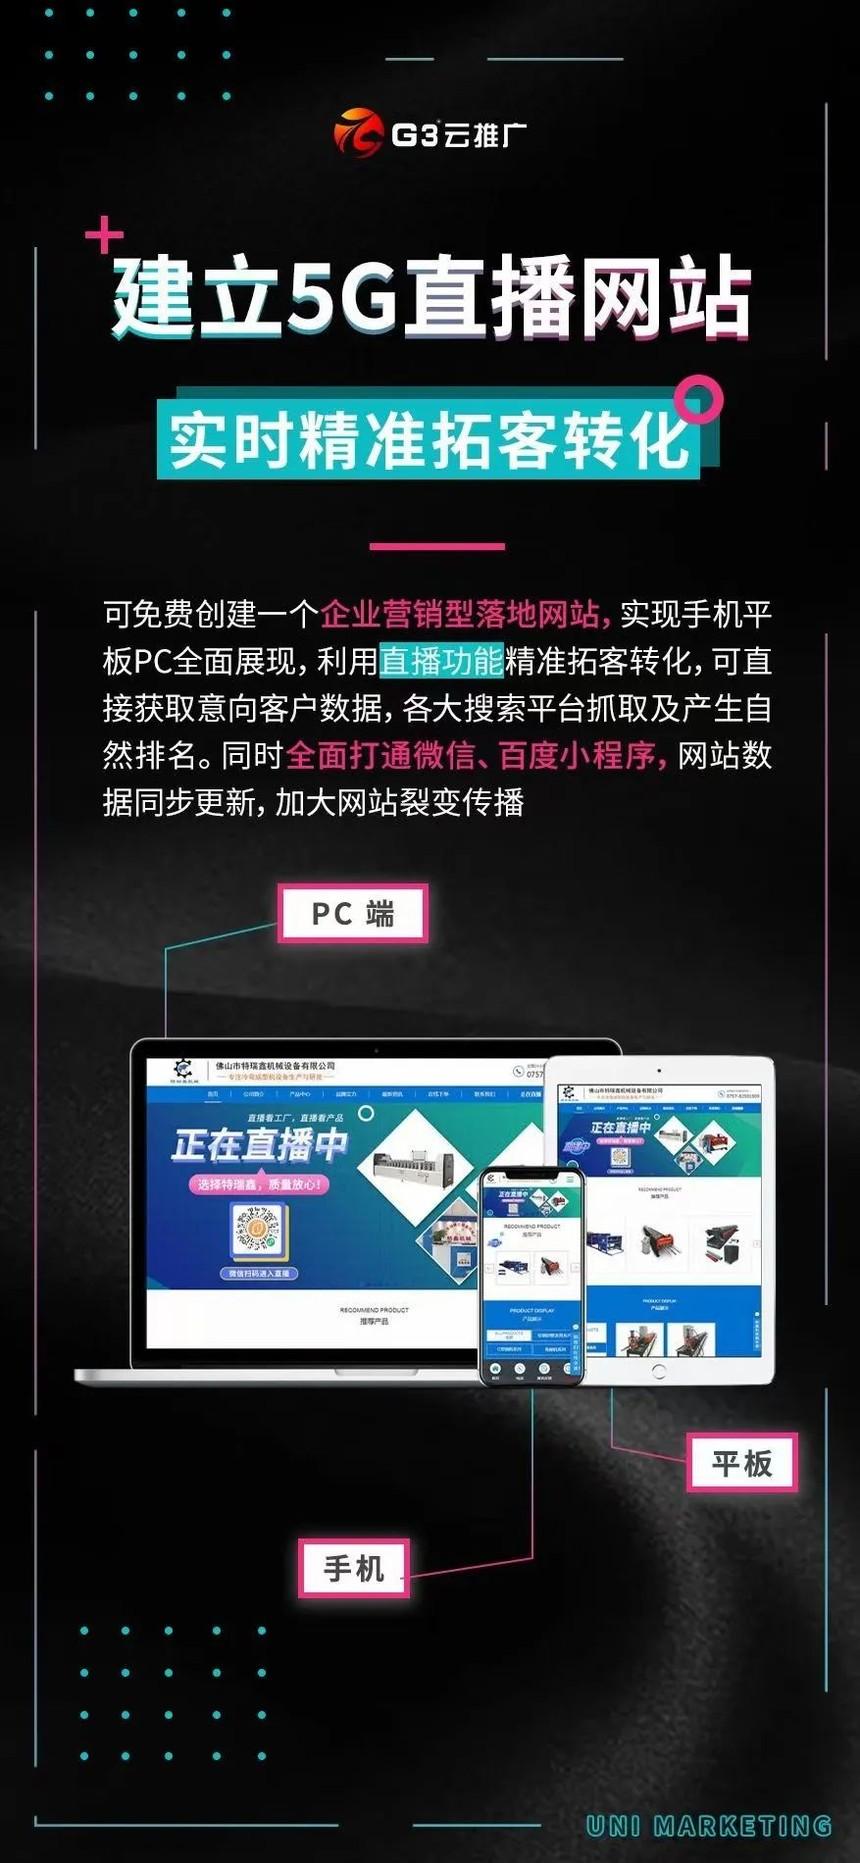 G3云推广7.0全域营销系统如何帮助西安企业实现全网营销